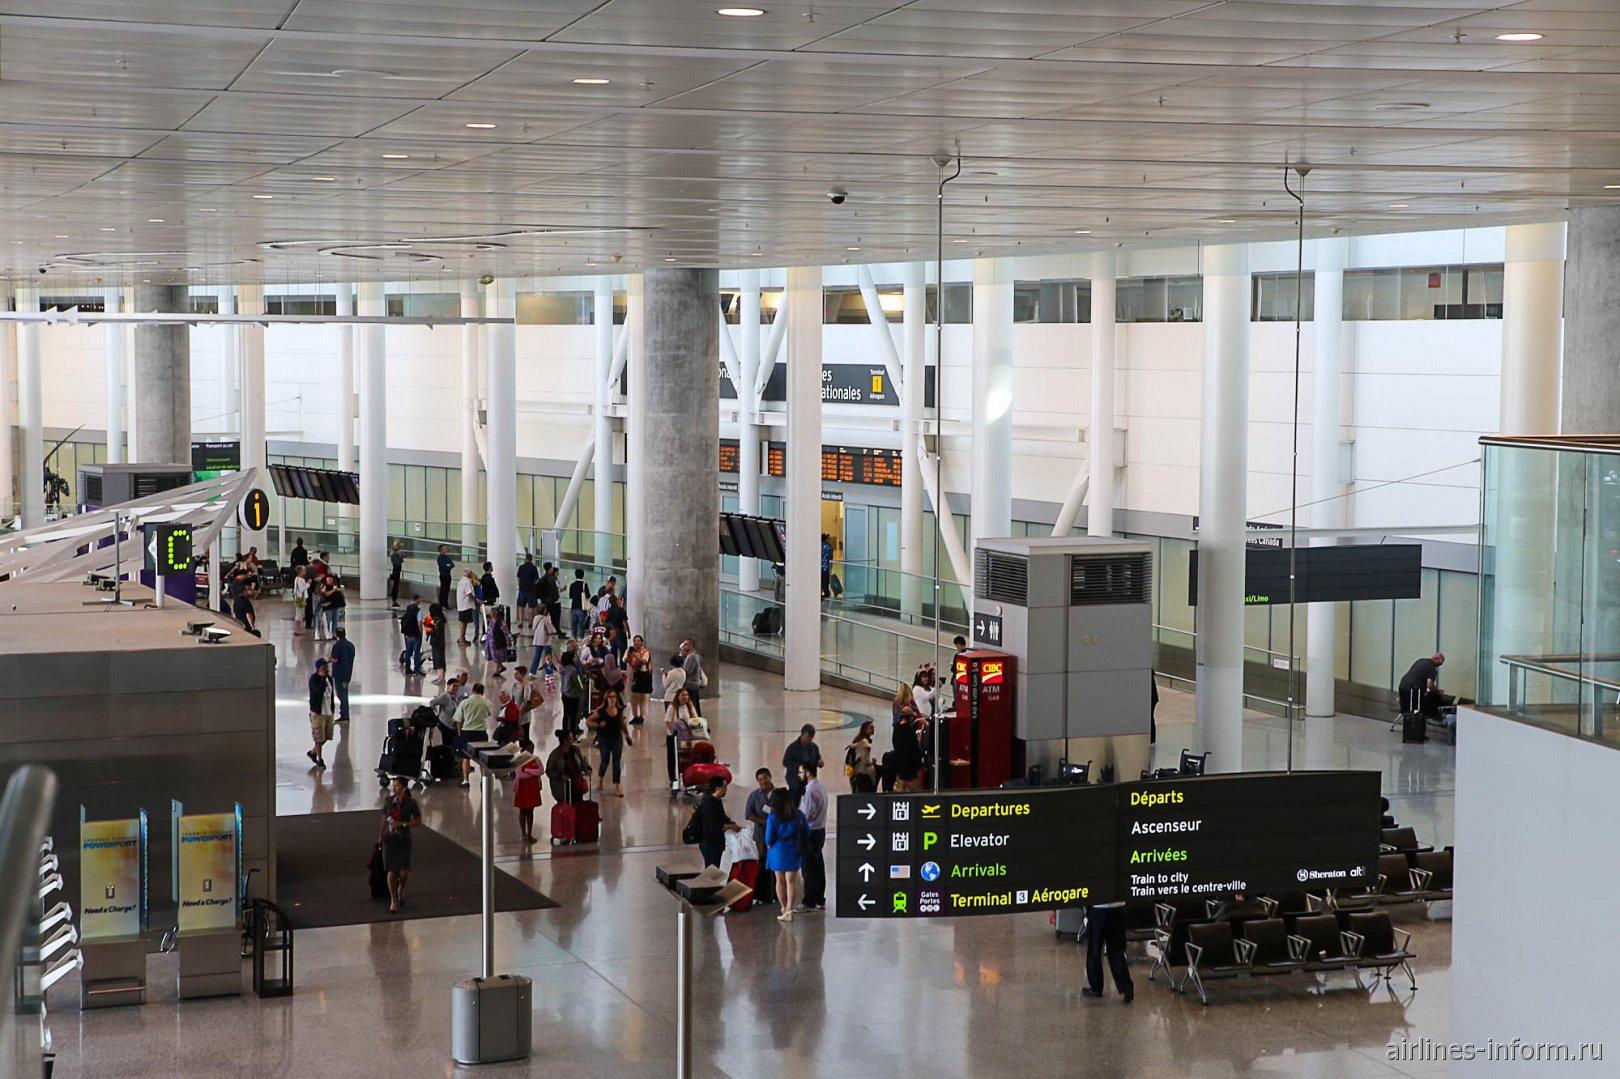 Зона прилета международных рейсов в терминале 1 аэропорта Торонто Пирсон